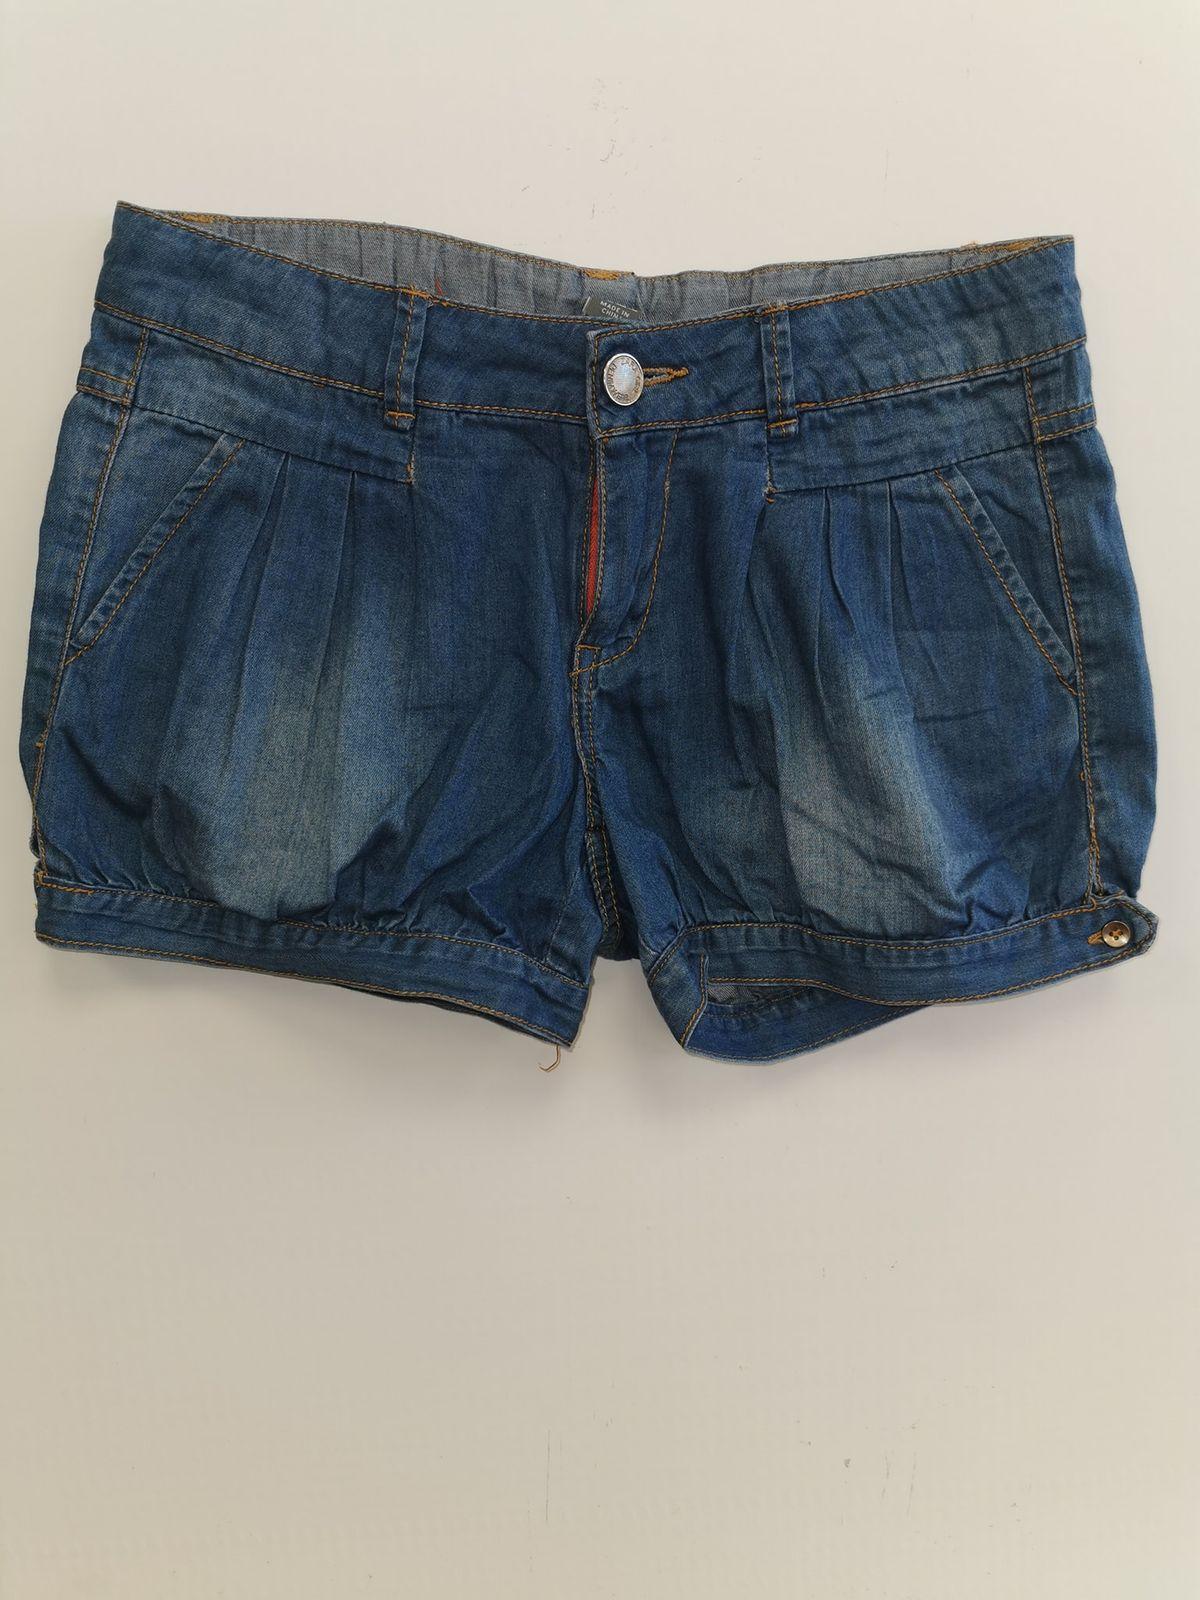 13301. Zara pantaloncino 11/12 anni Euro 6,90